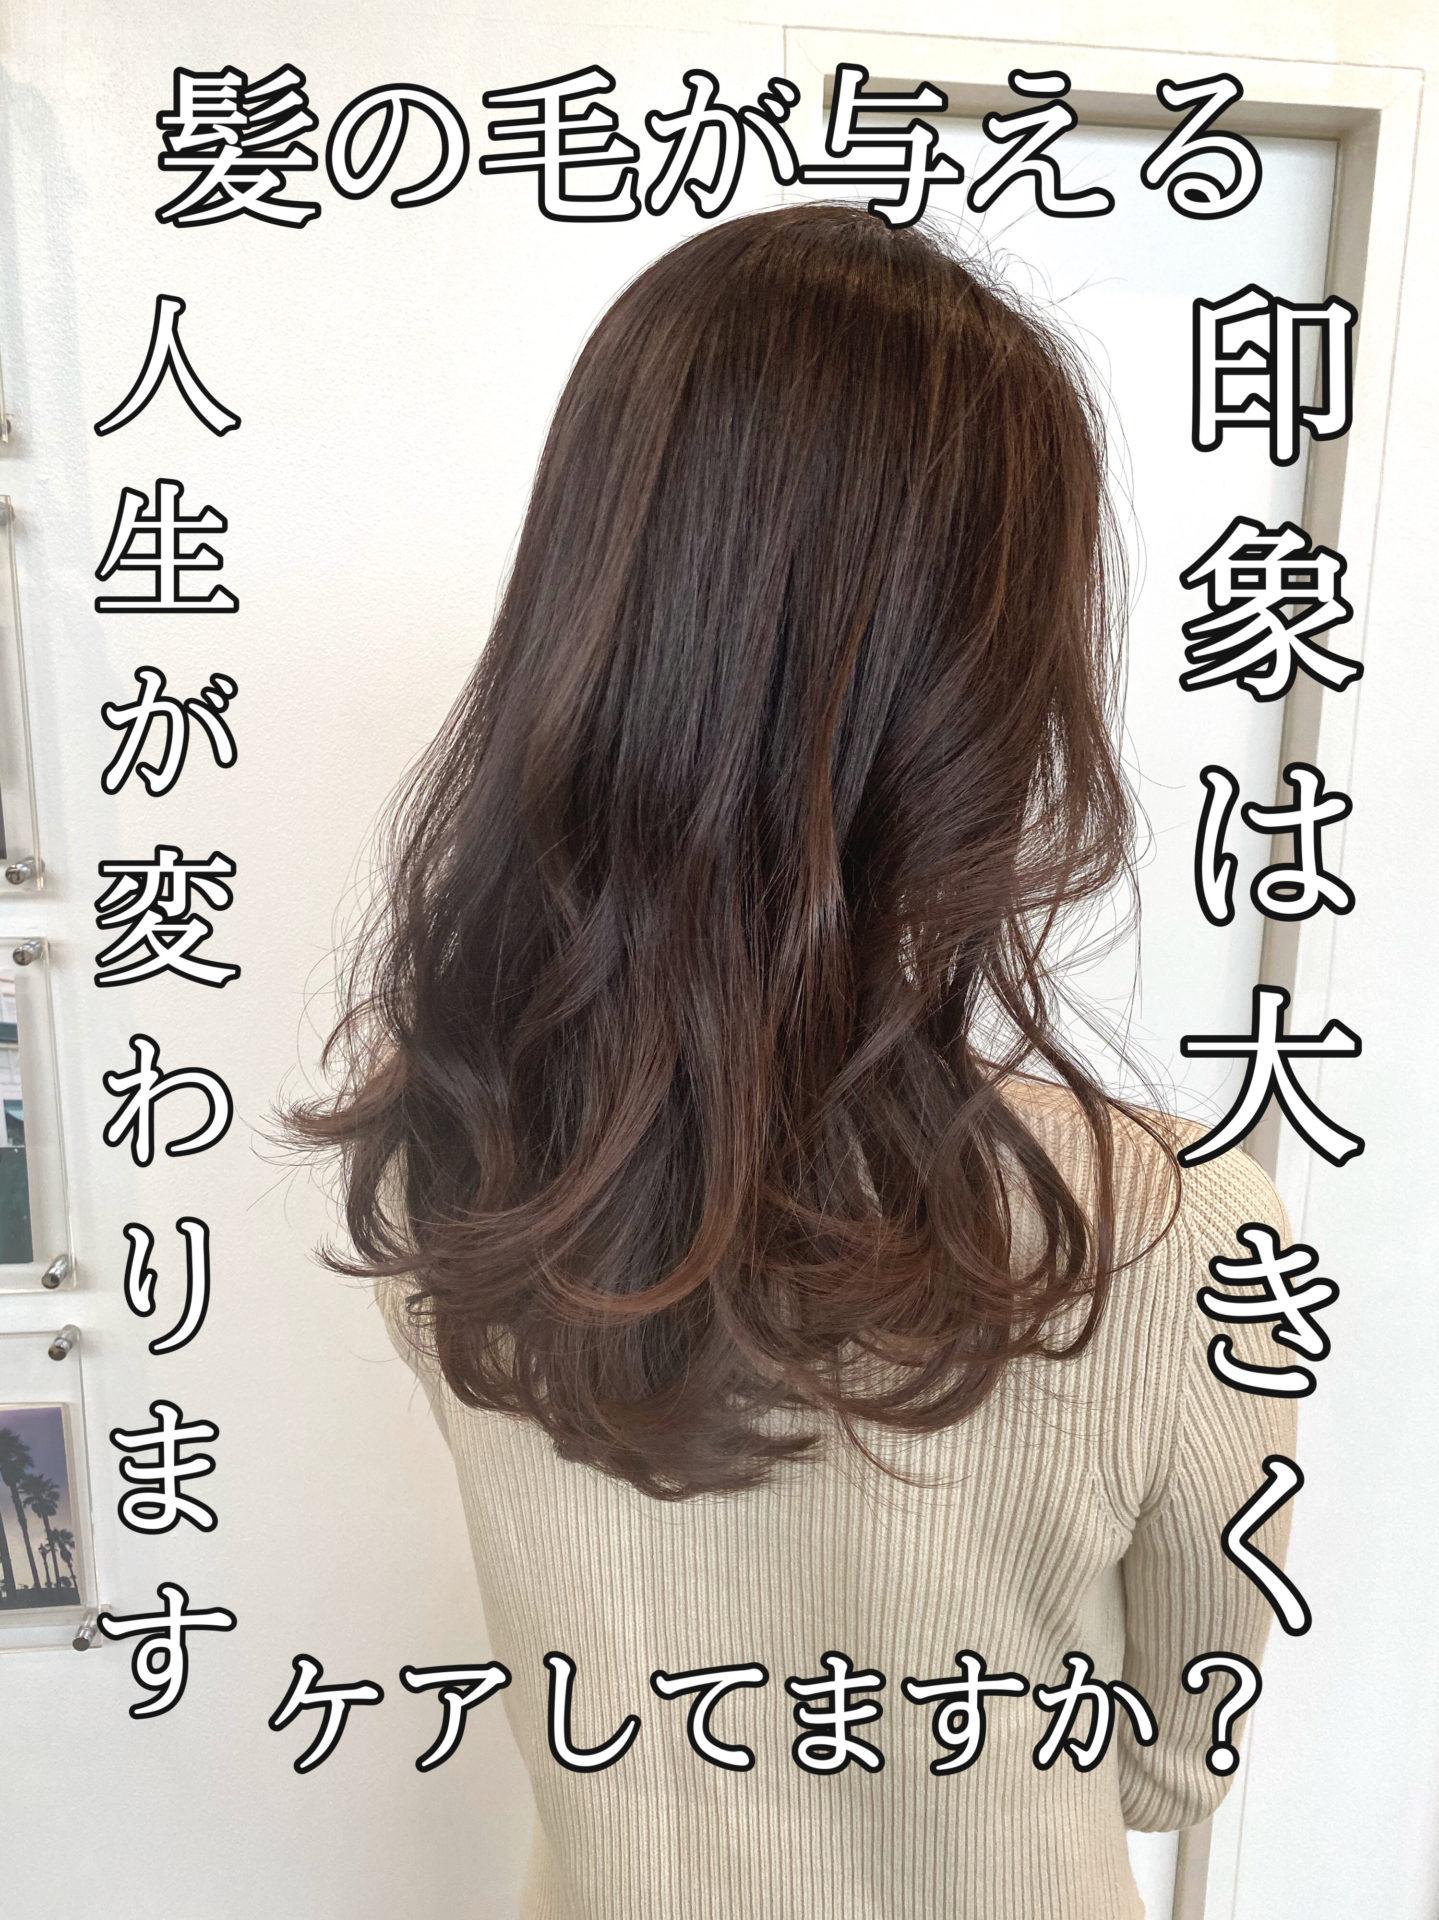 髪の毛の与える印象は凄い件♪